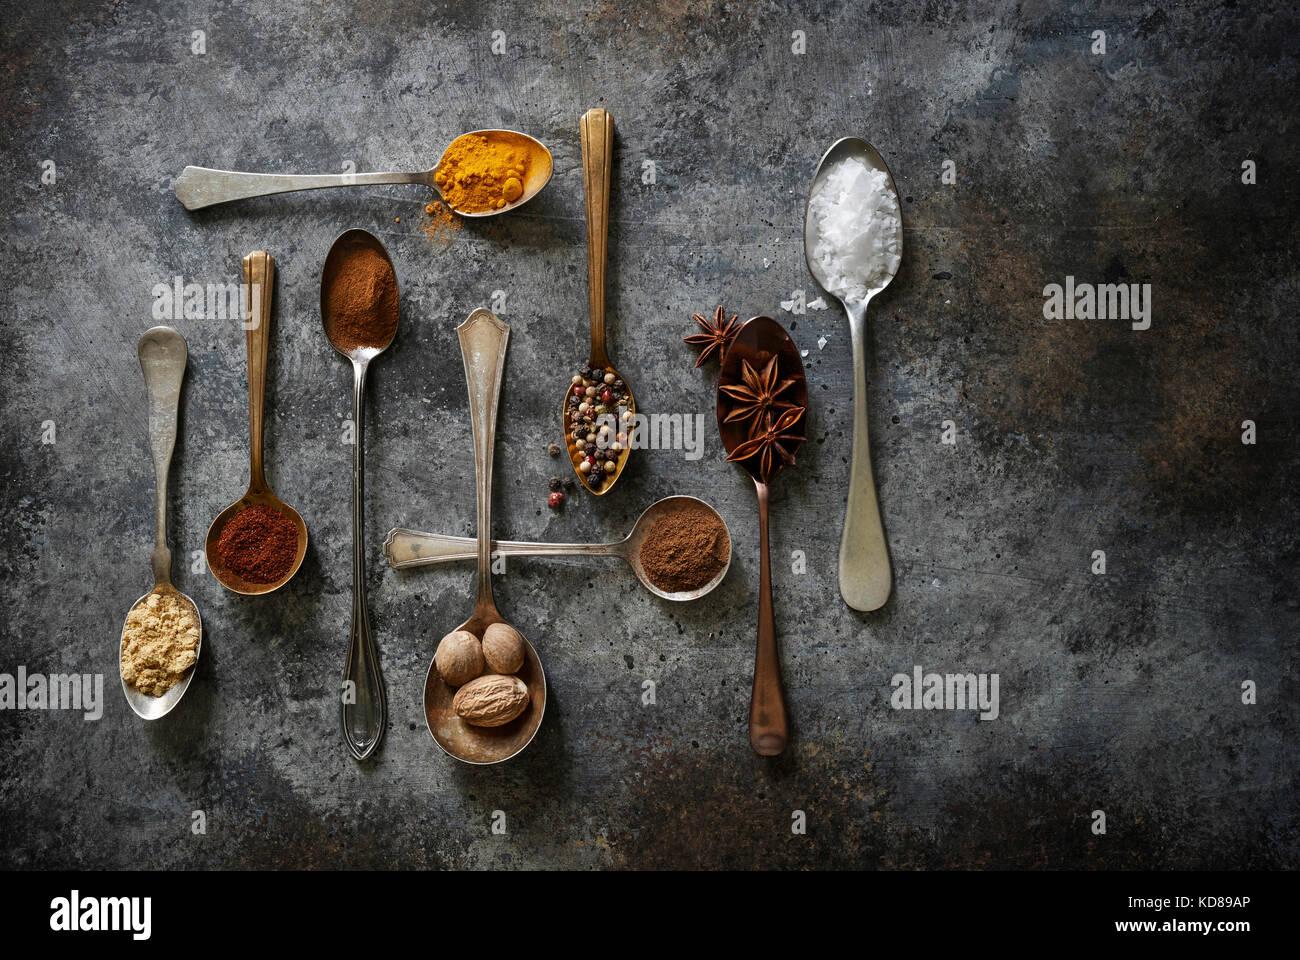 Una matriz de bonito hornear y cocinar las especias en el vintage cucharas sobre una superficie oscura de estilo Imagen De Stock